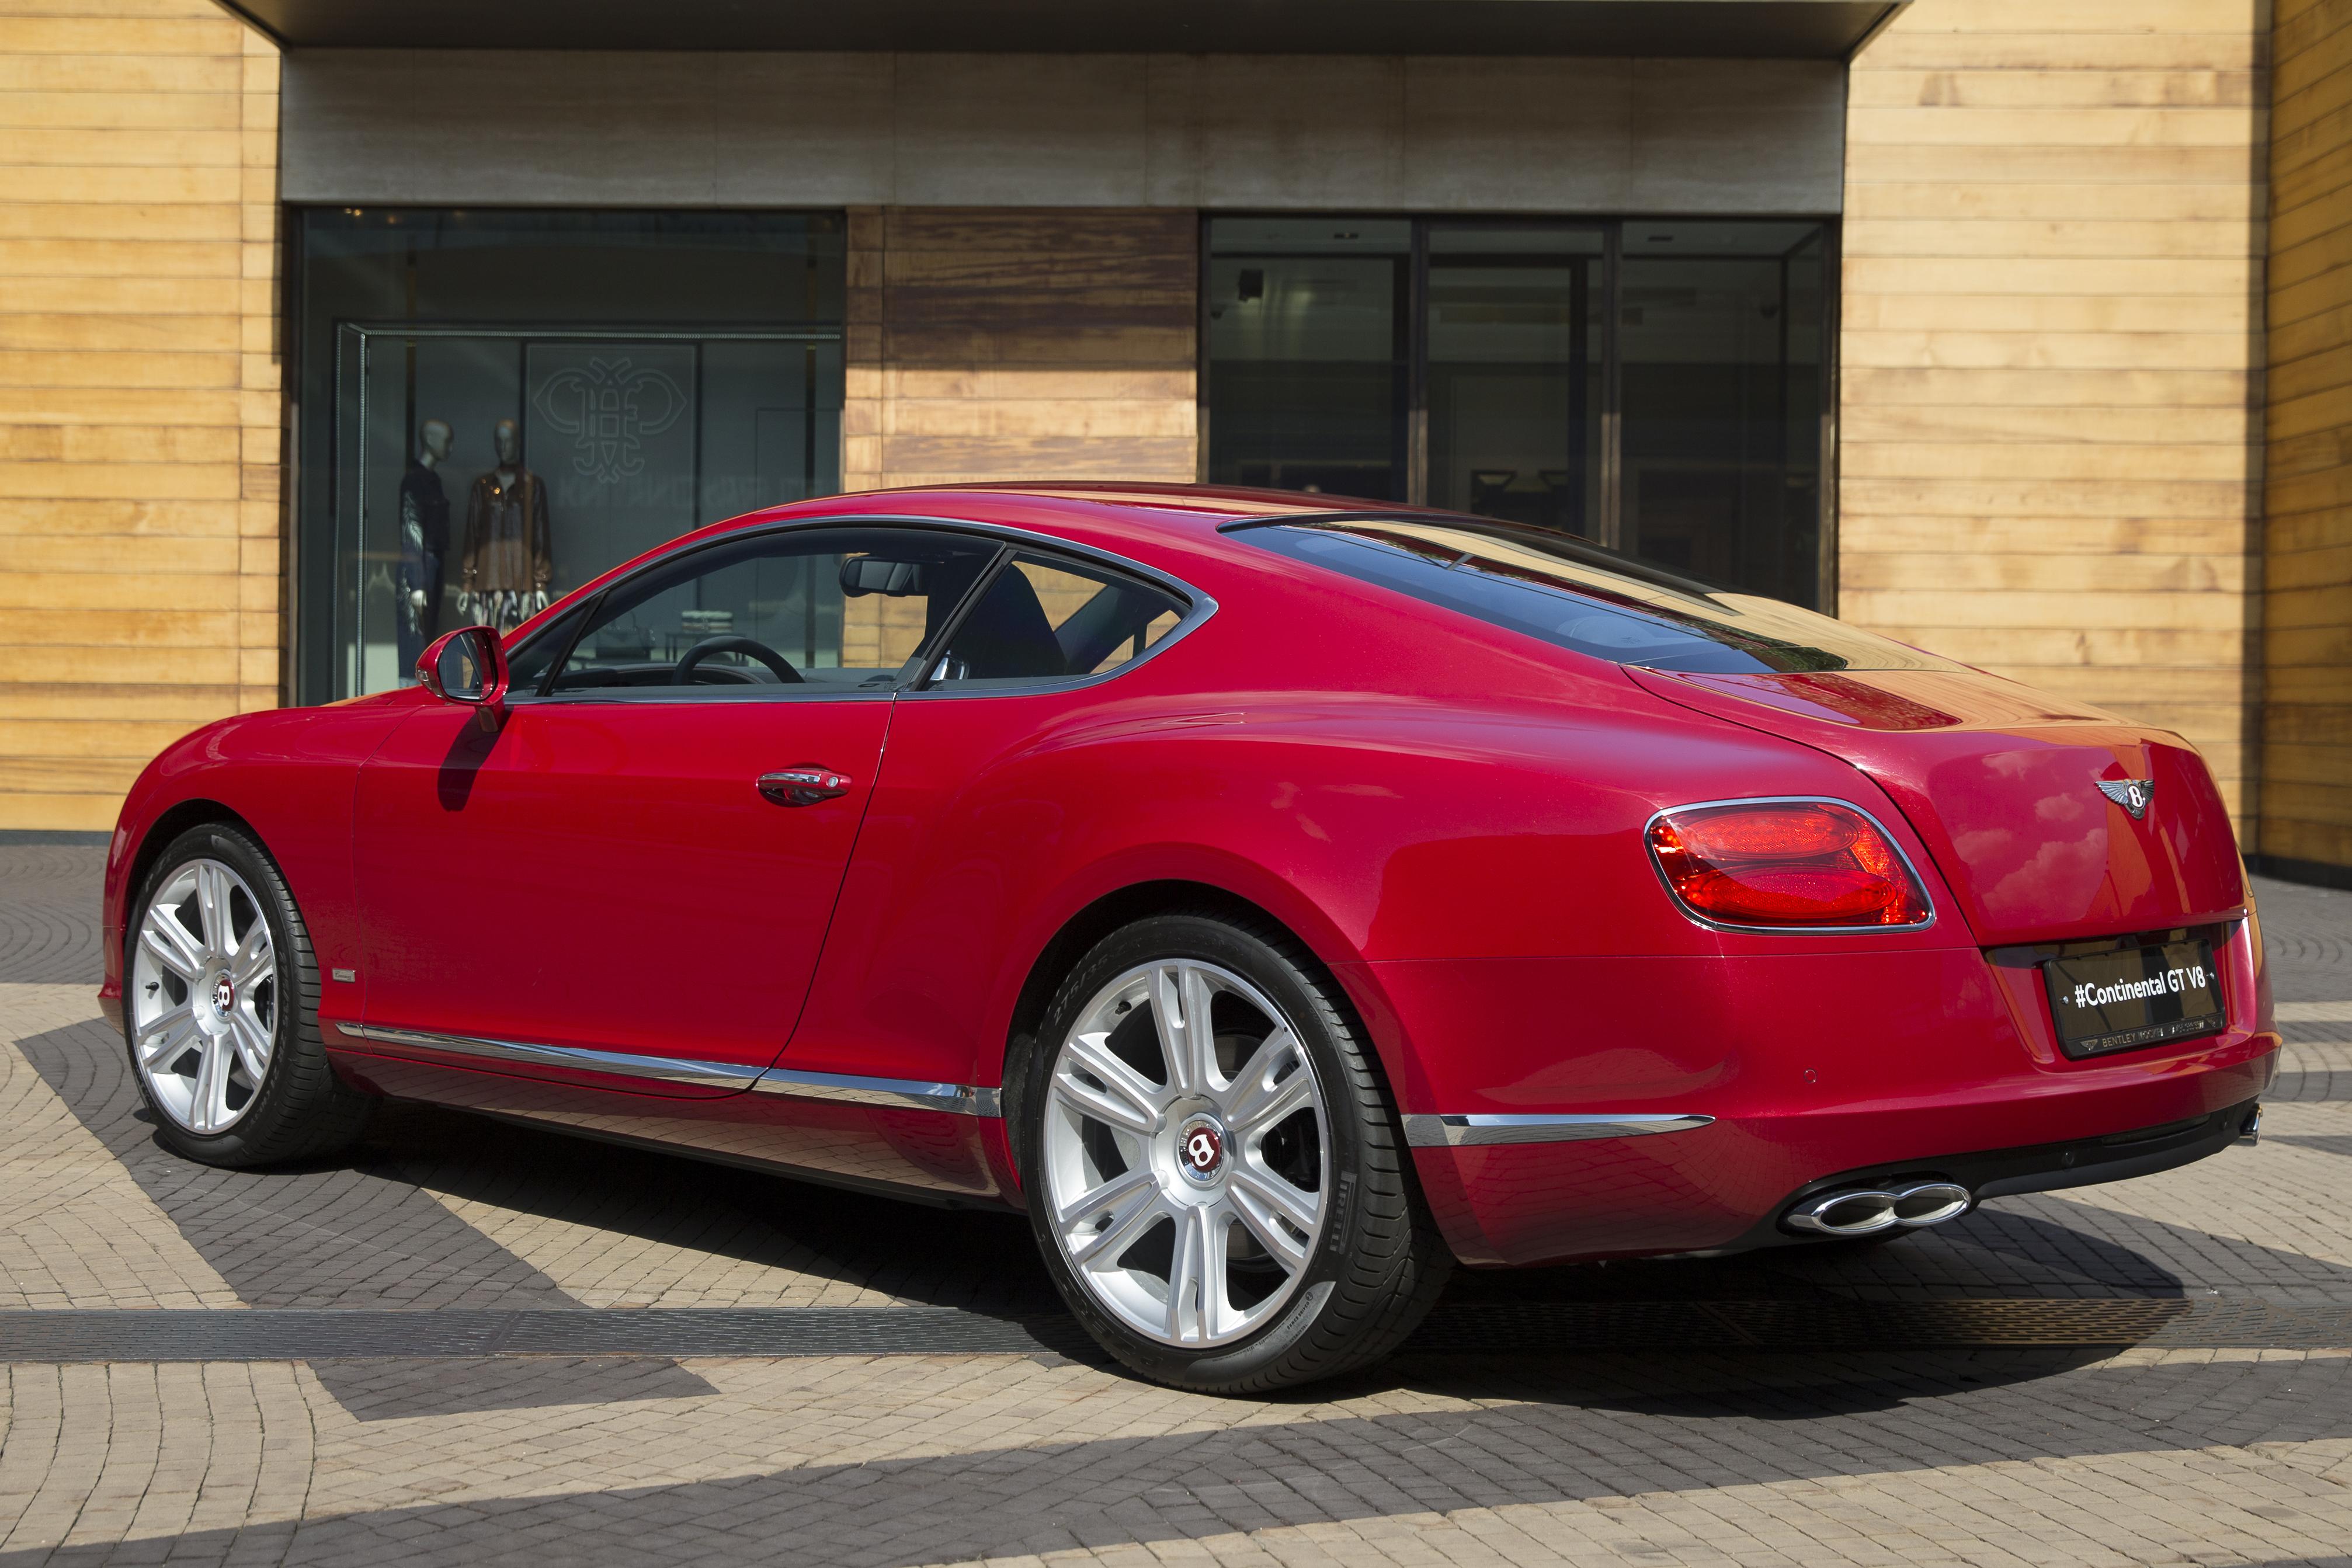 ВРЕМЯ ВЫБИРАТЬ BENTLEY! НОВЫЙ CONTINENTAL GT ОТ 11 900 000 РУБ. - изображение NICK1630 на Bentleymoscow.ru!